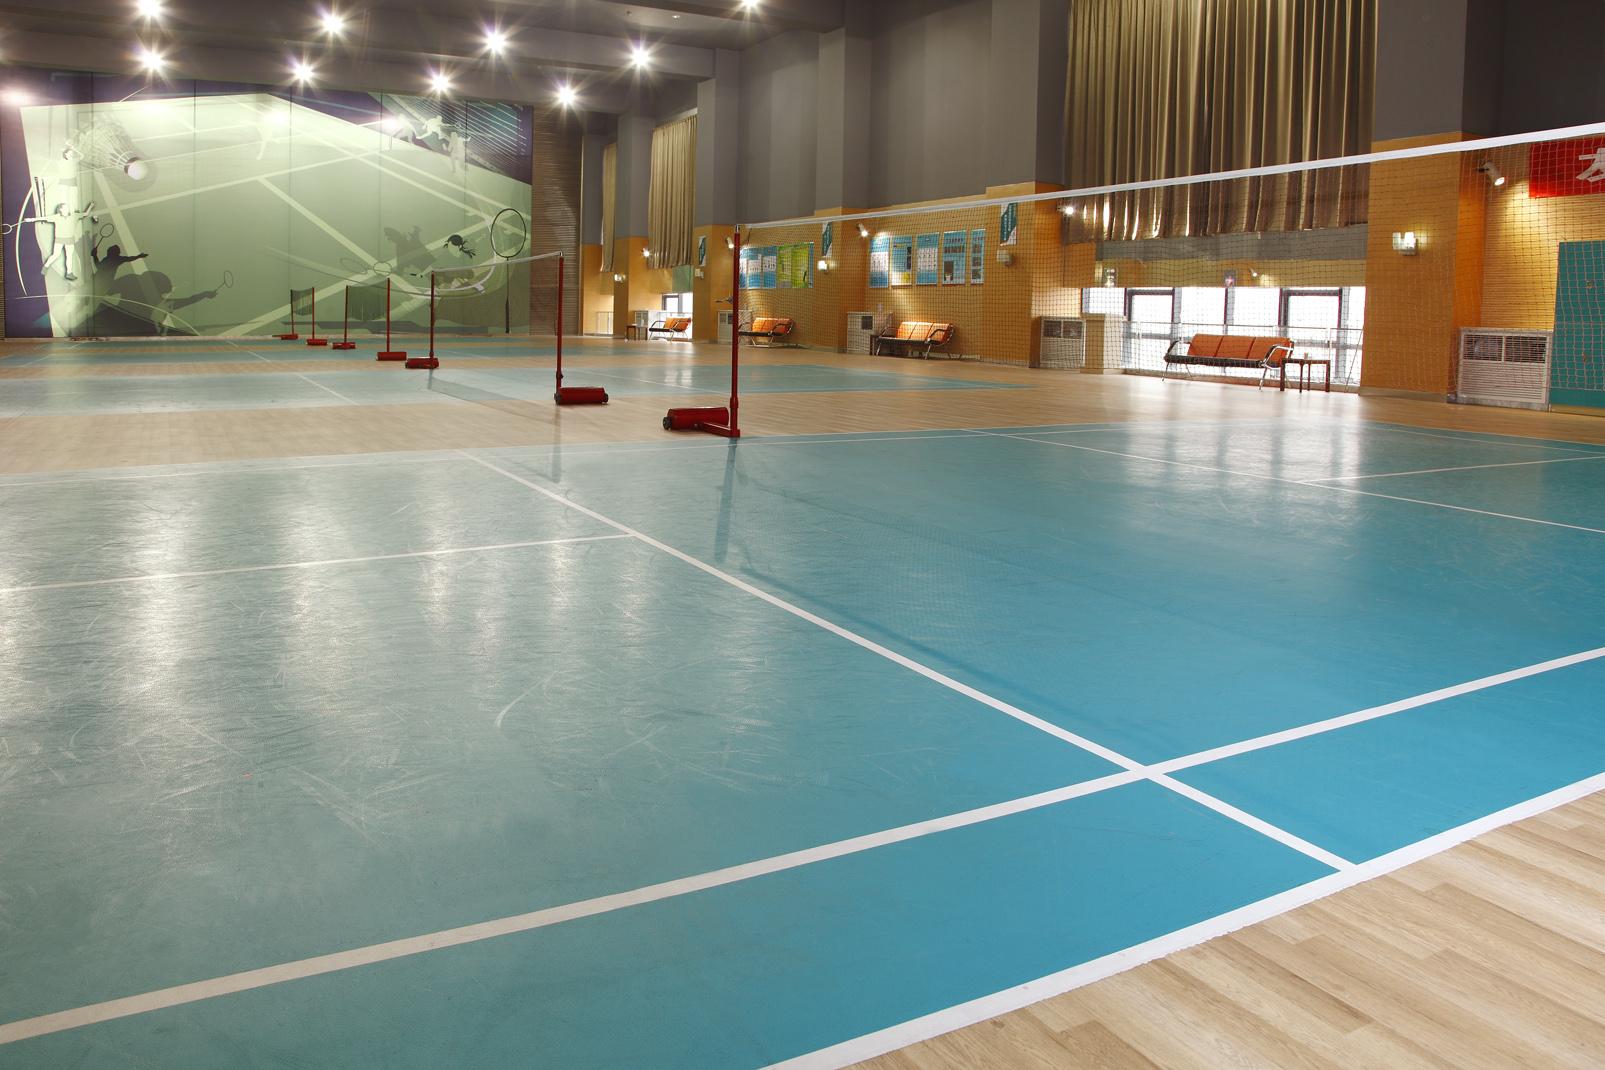 羽毛球场馆地面该选木地板还是塑胶地板?【腾方PVC地板】